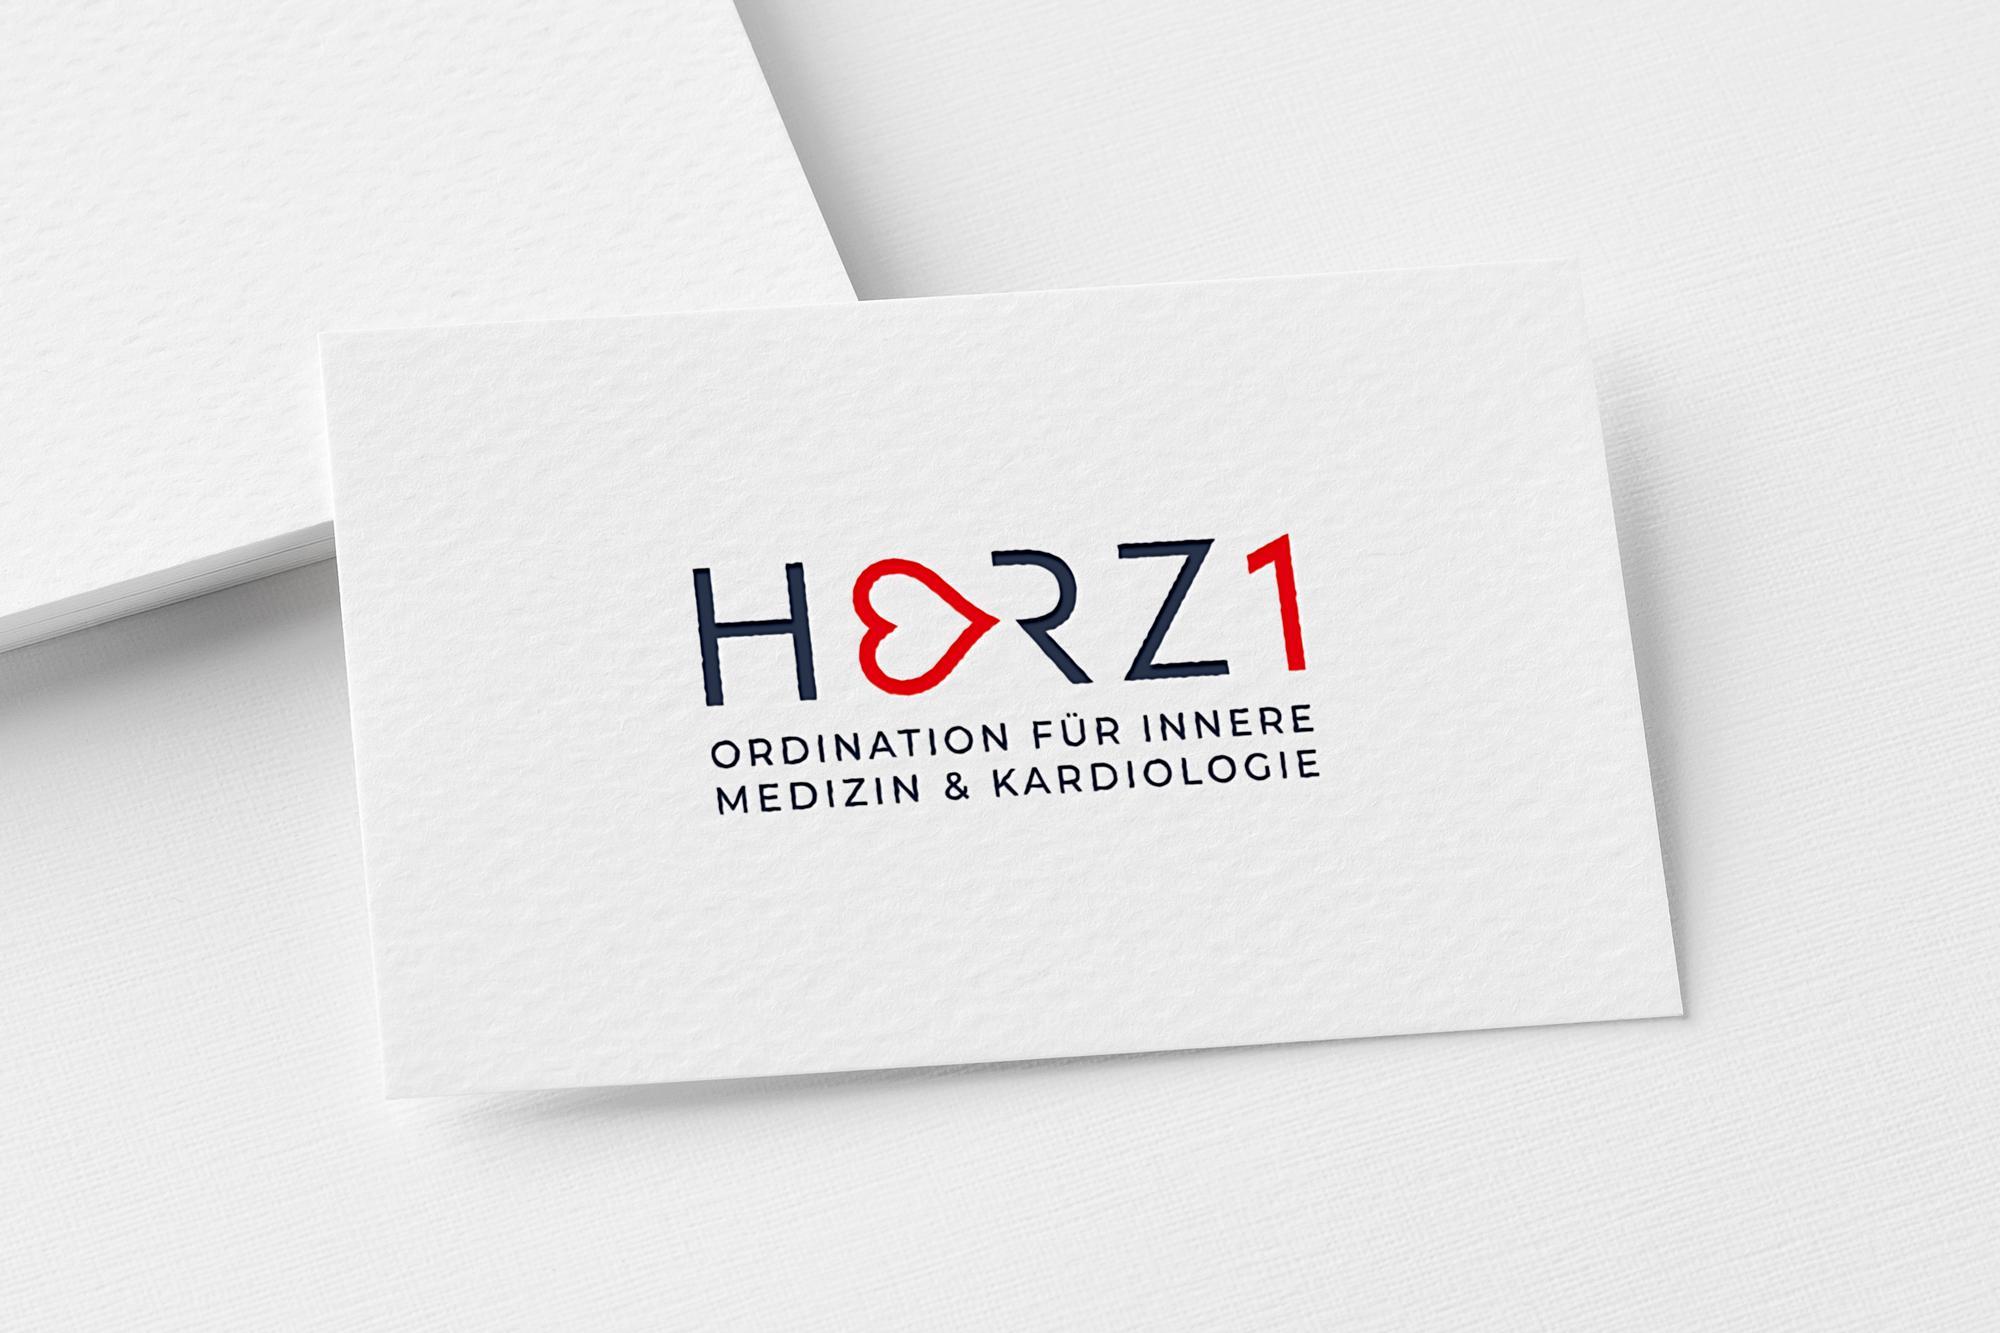 Herz1_AmysAtelier_Logo_Brand_Design_Vienna.jpg